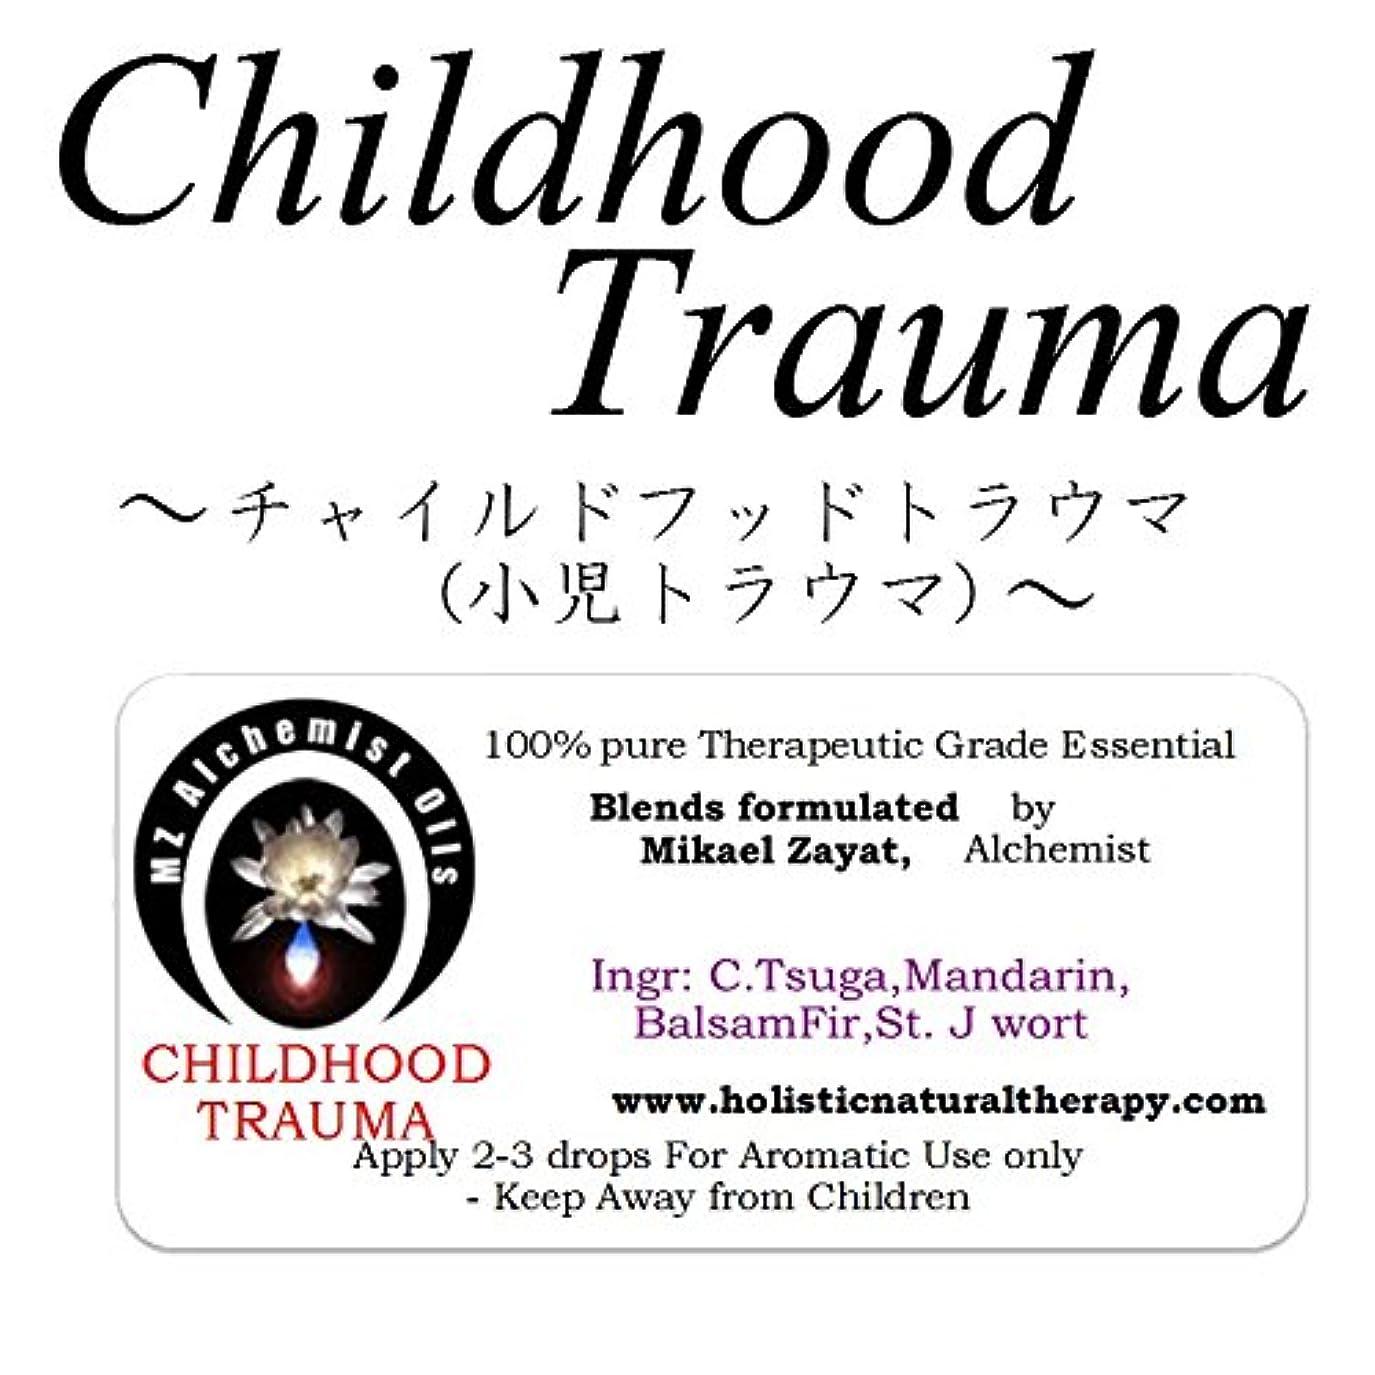 誘惑する全員イタリックミカエルザヤットアルケミストオイル セラピストグレードアロマオイル Childhood Trauma-チャイルドフット?トラウマ(小児トラウマ)- 4ml